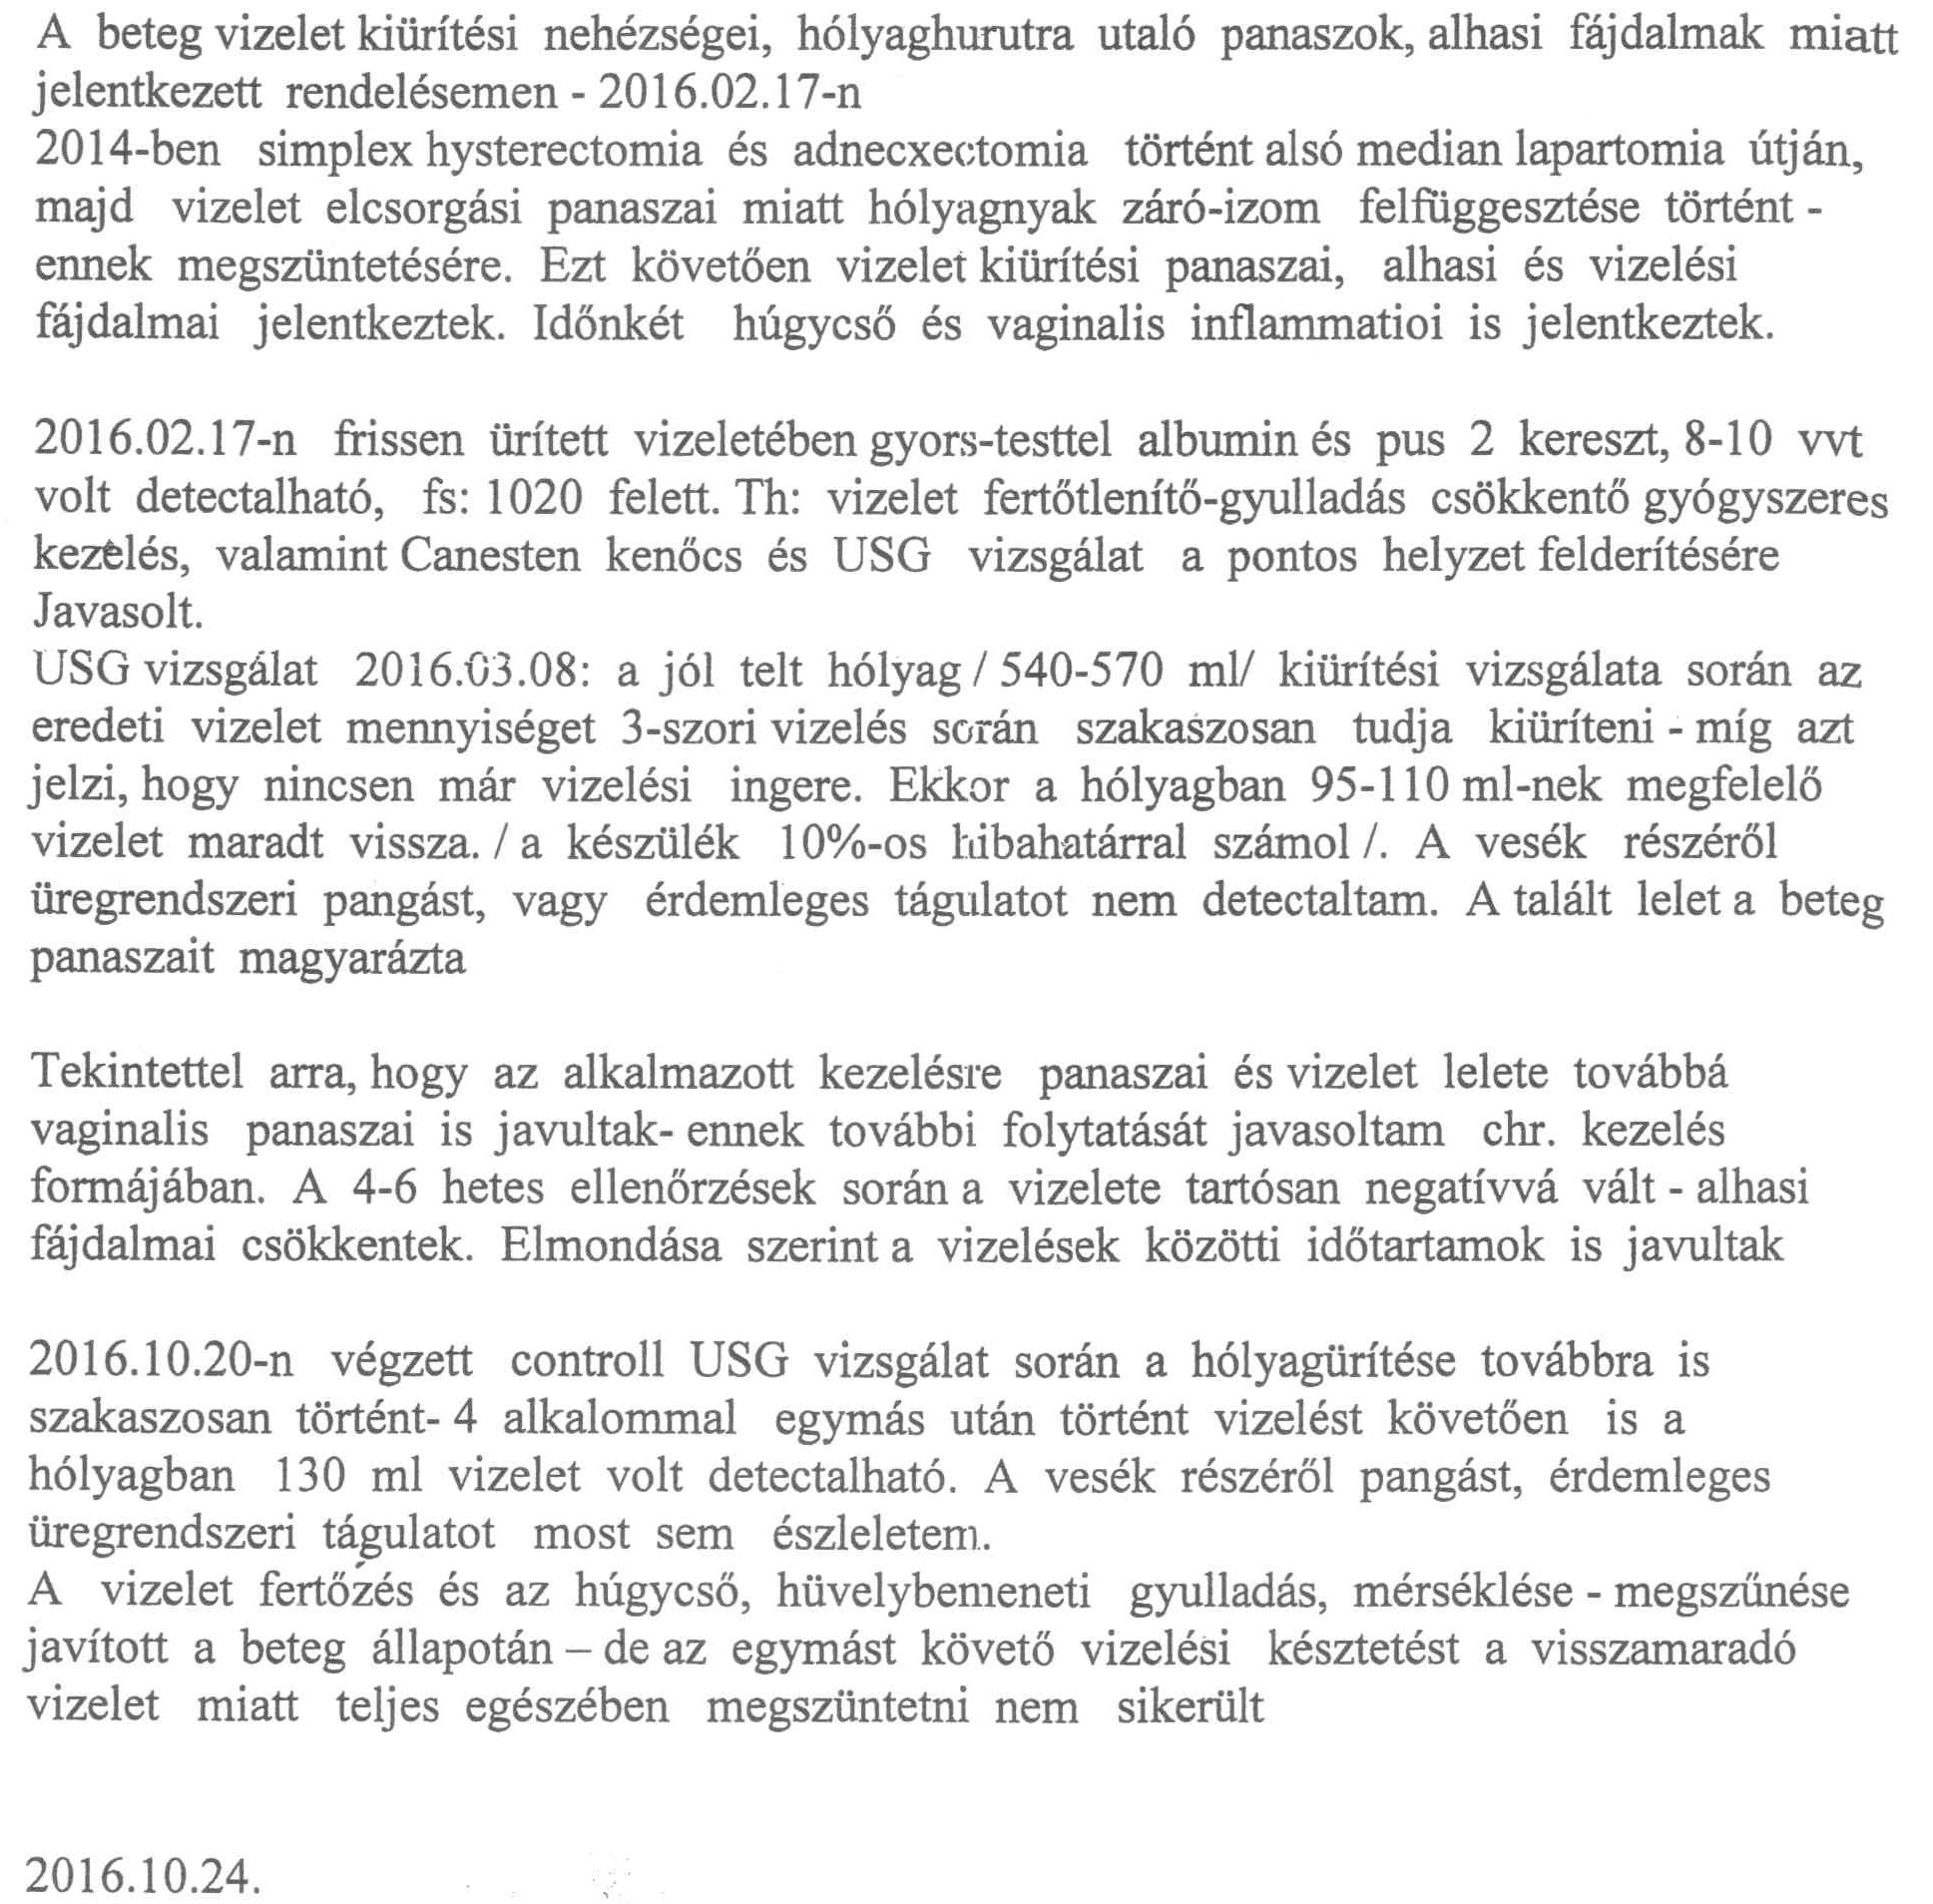 nolicin és magas vérnyomás)